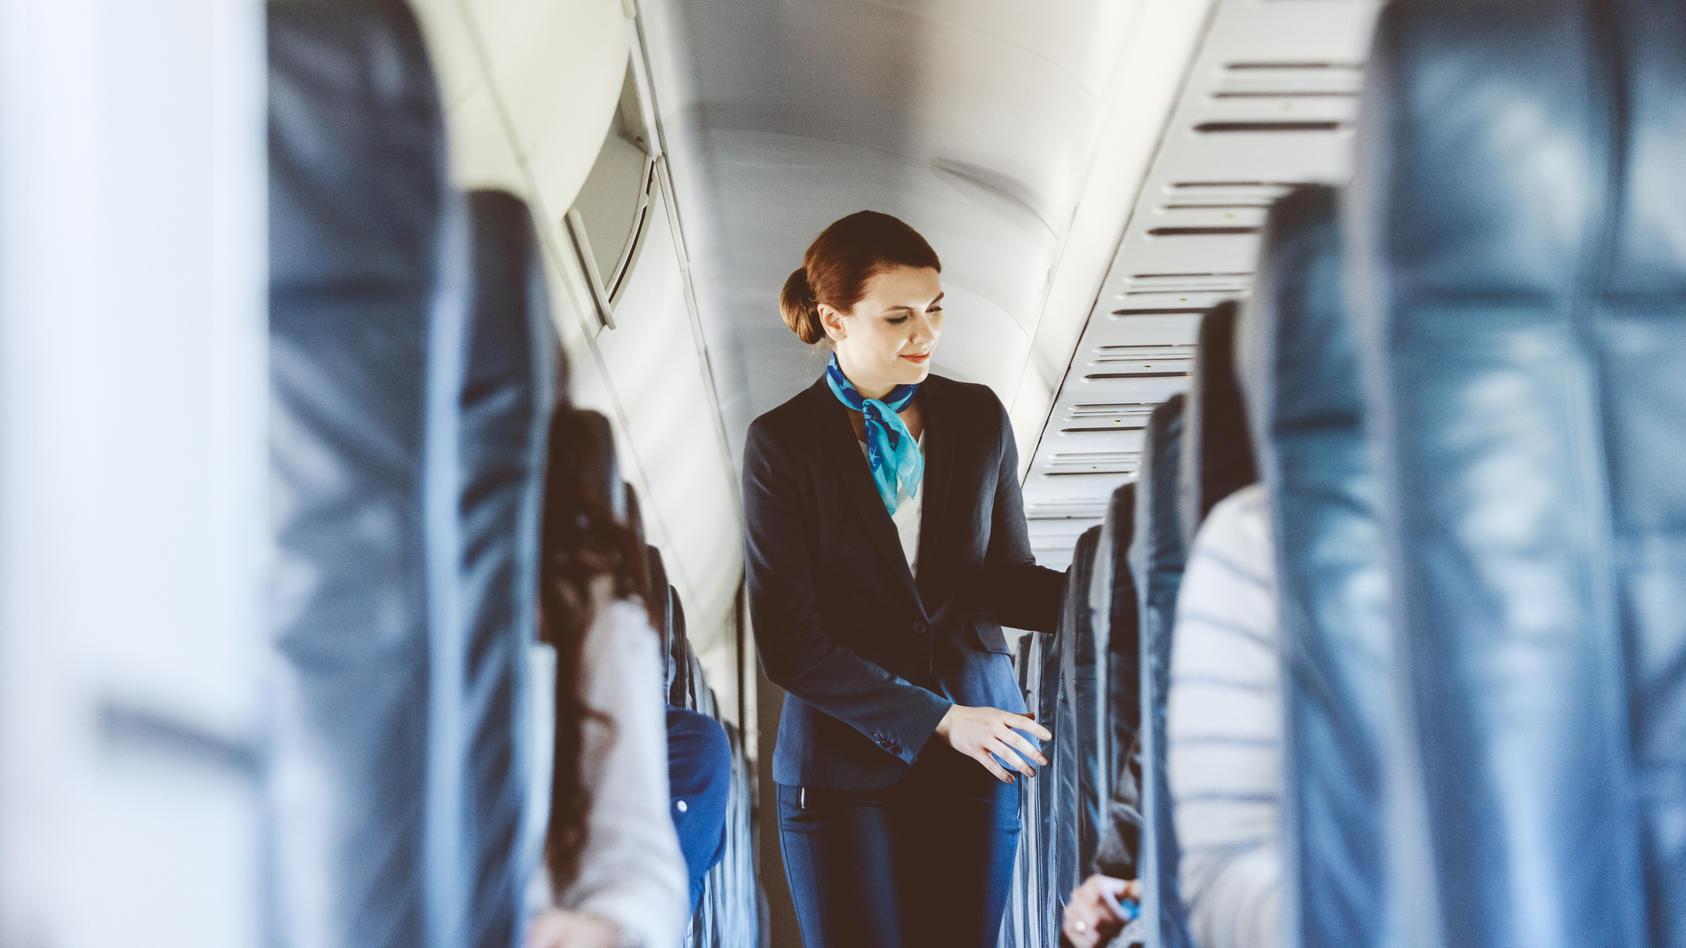 Womit stören Passagiere die Arbeit an Bord am meisten? Wir verraten es.